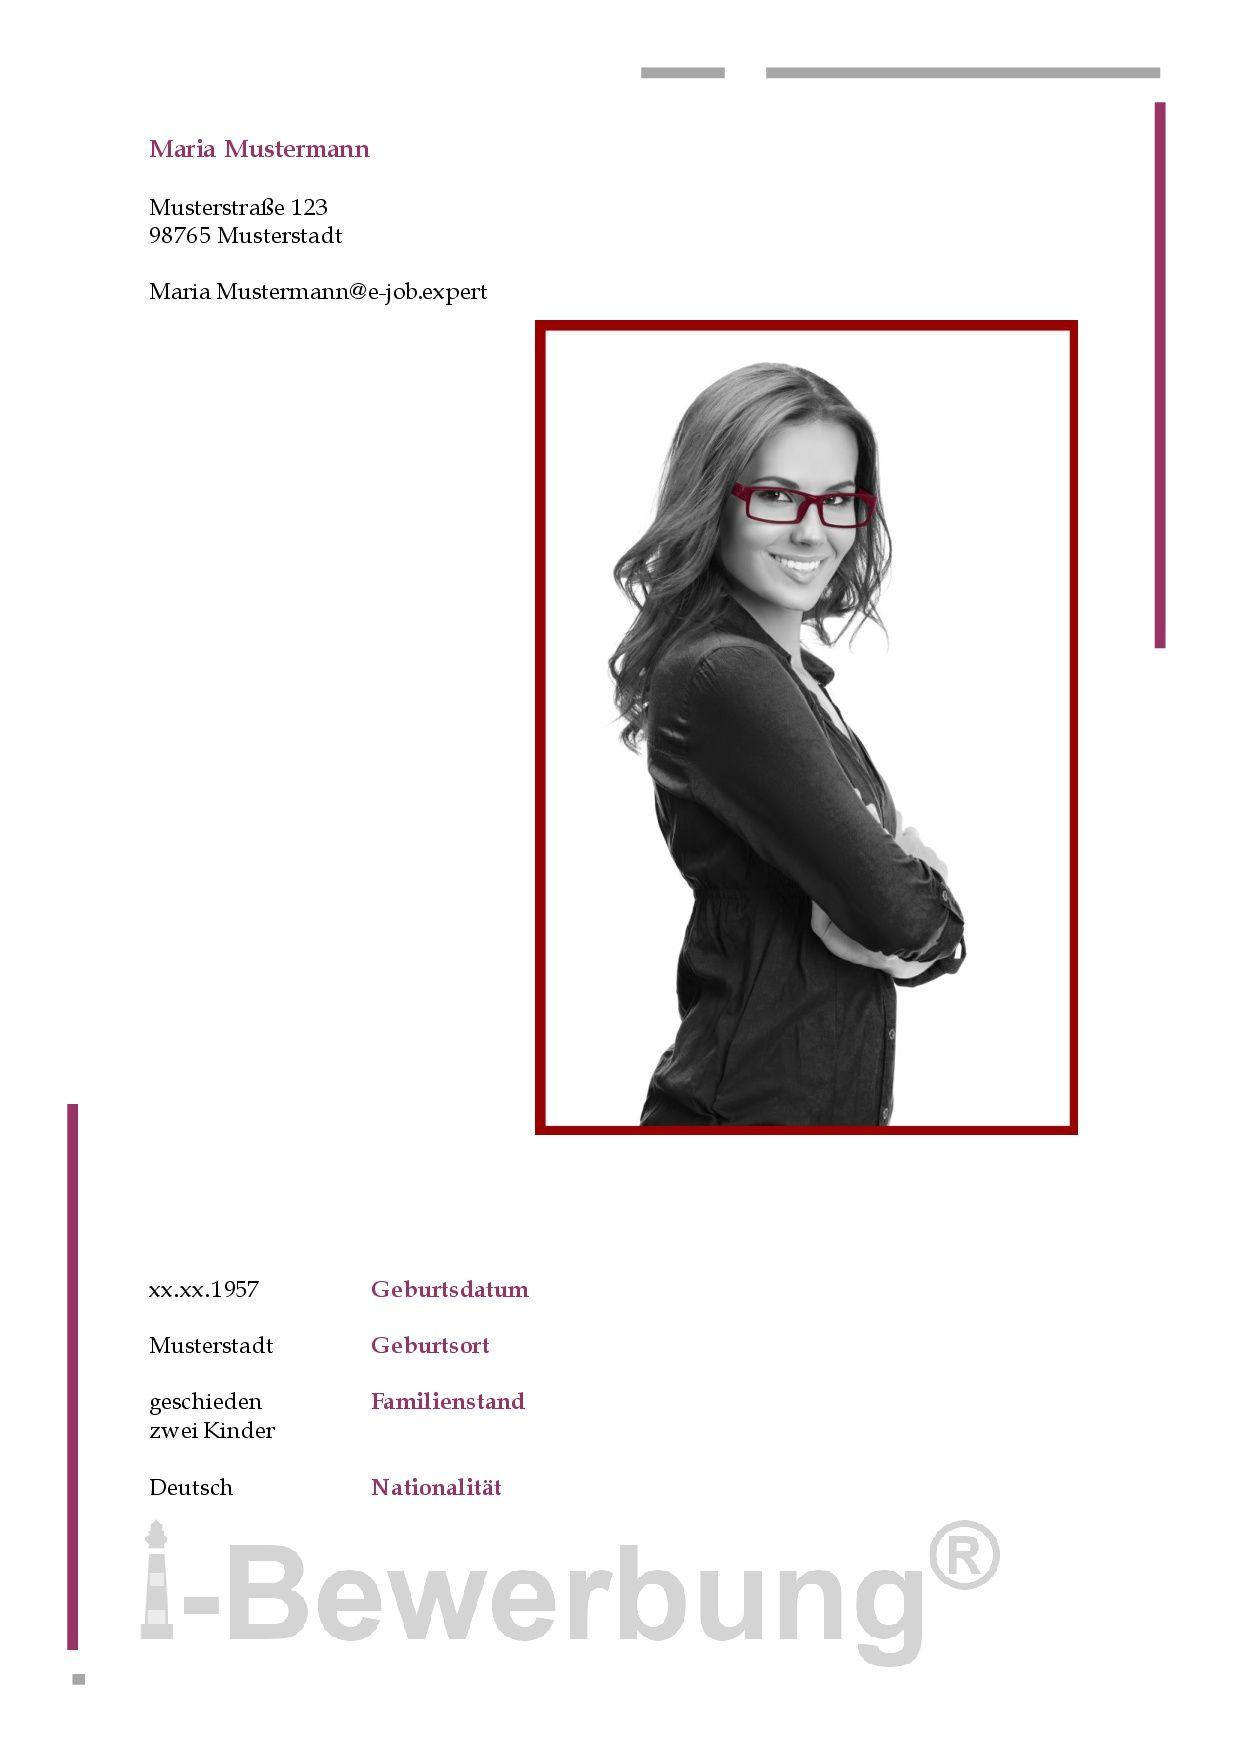 Muster Des Deckblatt Zur Initiativbewerbung Als Sekretärin